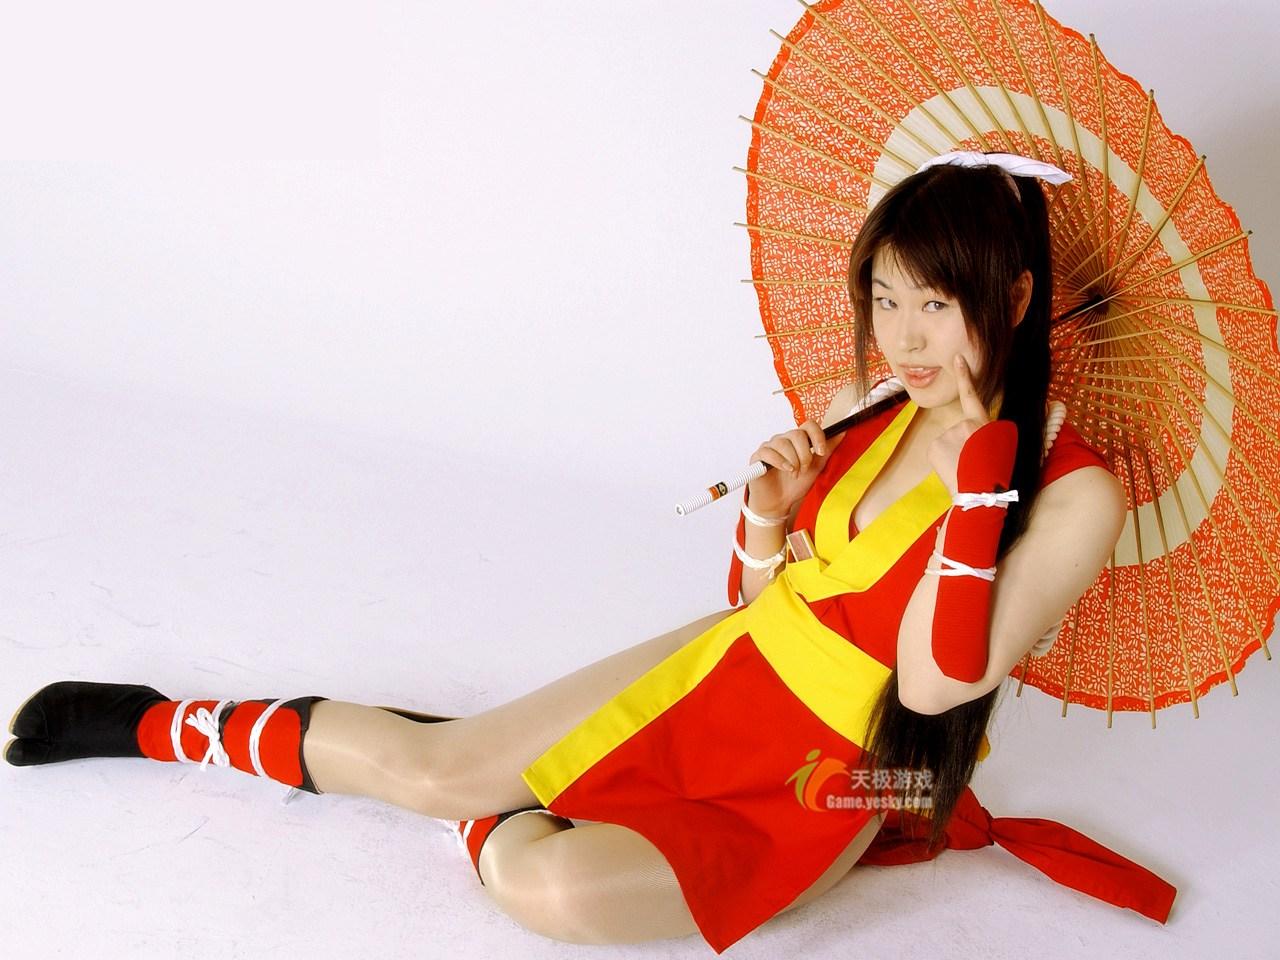 《不知火舞》格斗美女cosplay